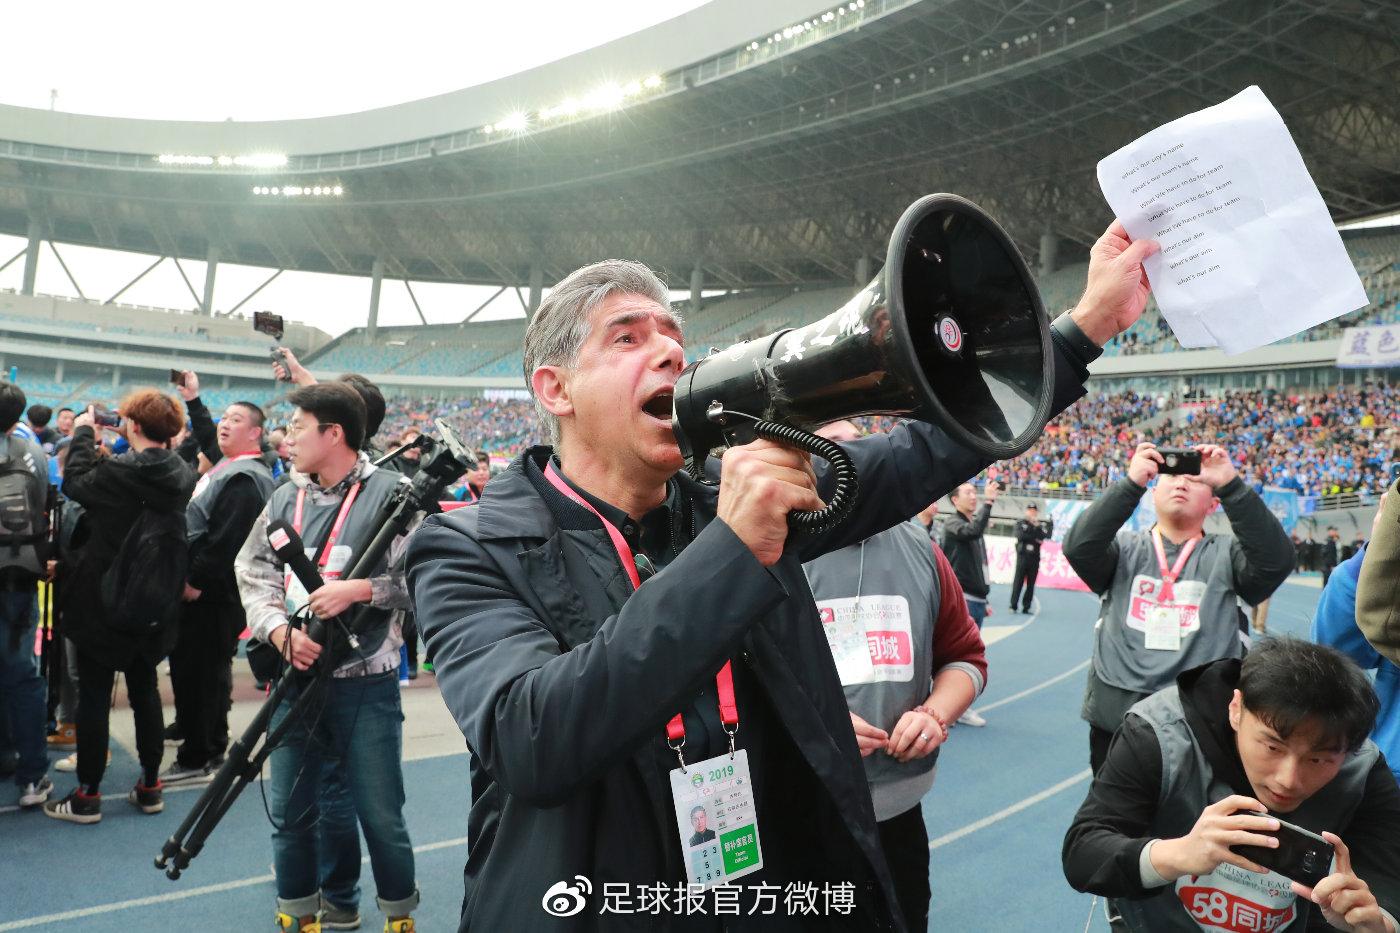 永昌主帅古特比:用国庆阅兵激励球员,中国缺乏双足球员